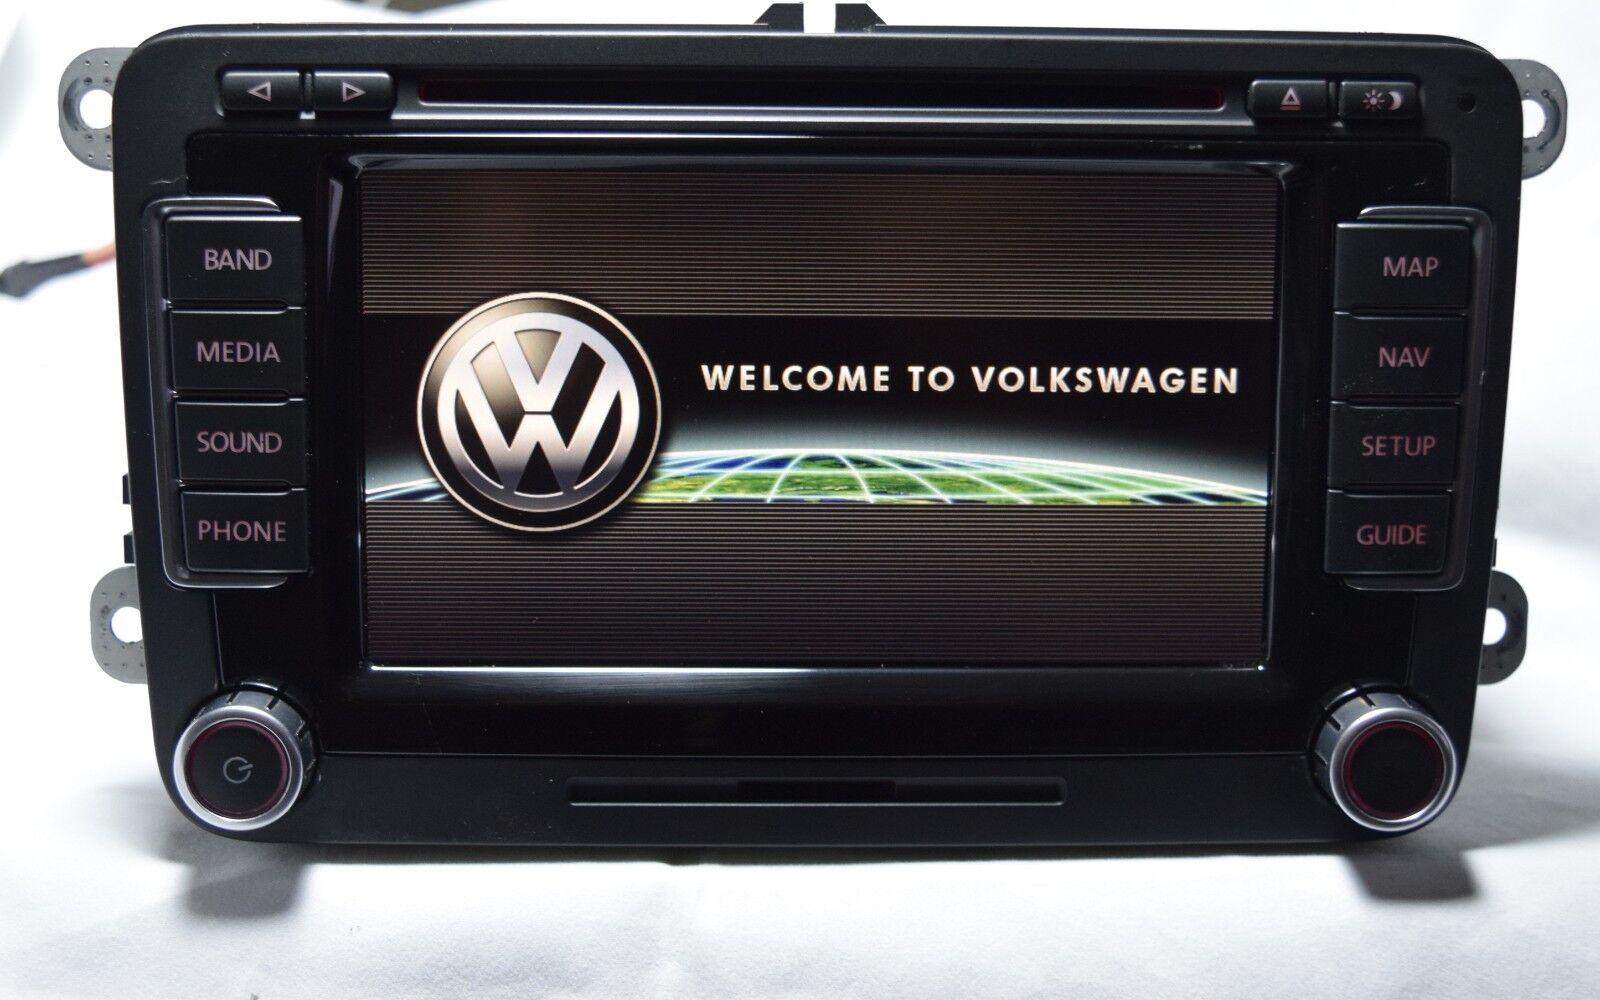 volkswagen vw passat rns 510 navigation system plus monitor radio 3c0035684d ebay. Black Bedroom Furniture Sets. Home Design Ideas